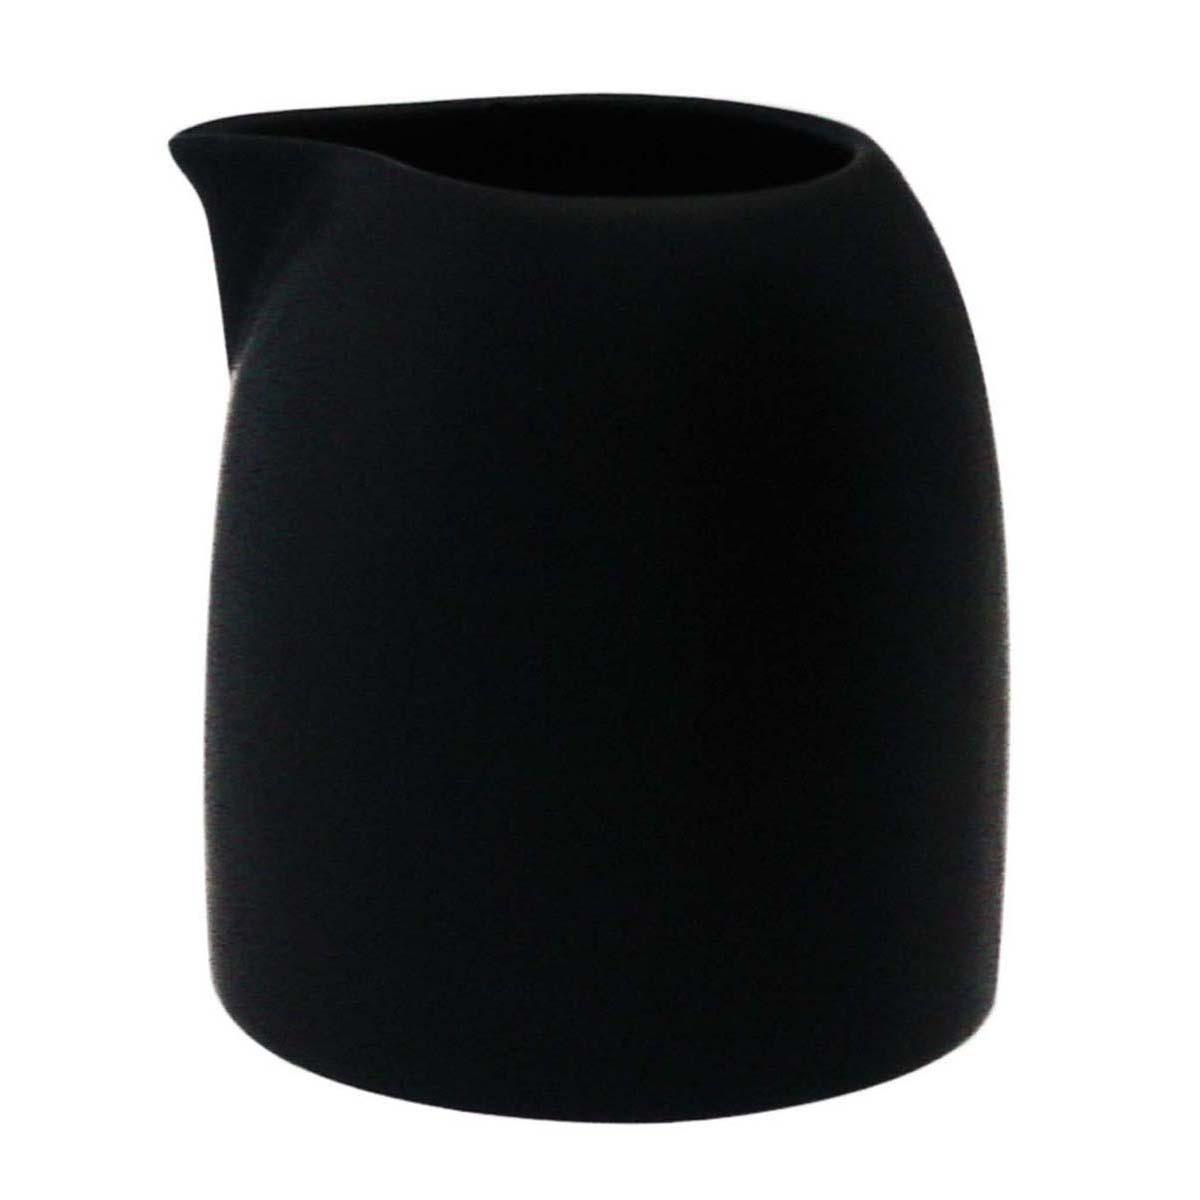 Guydegrenne Salam Model Siyah Porselen Sütlük 51 Cl